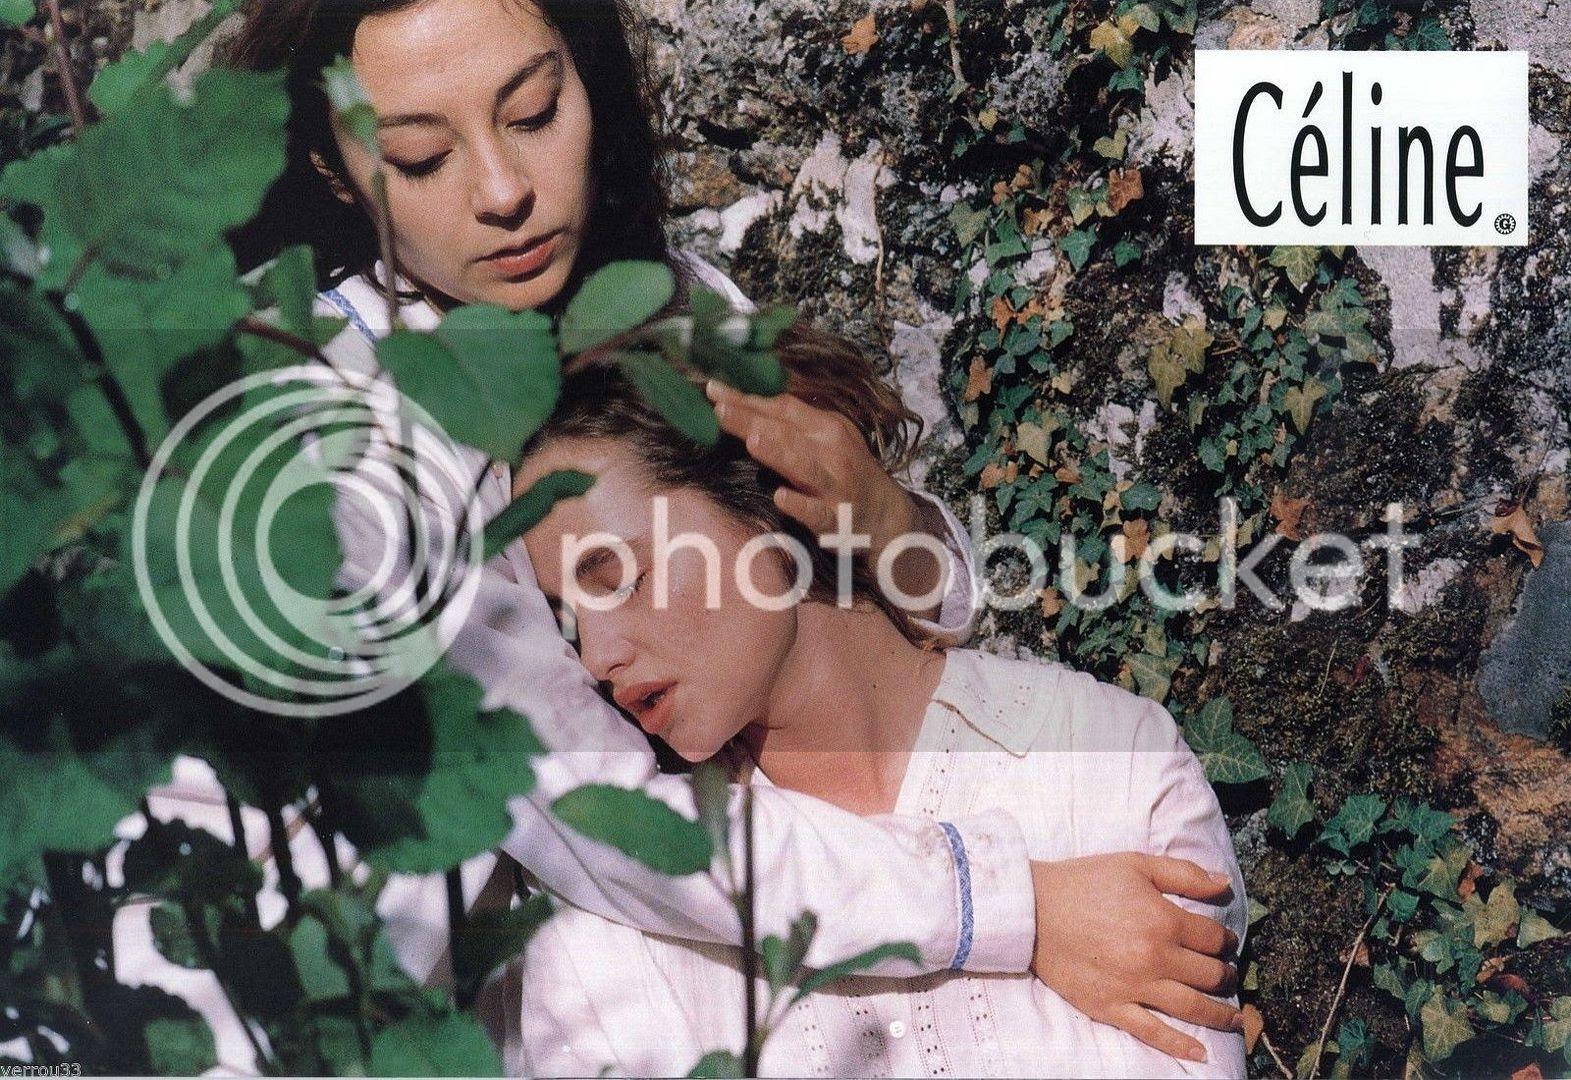 photo poster_celine-3.jpg